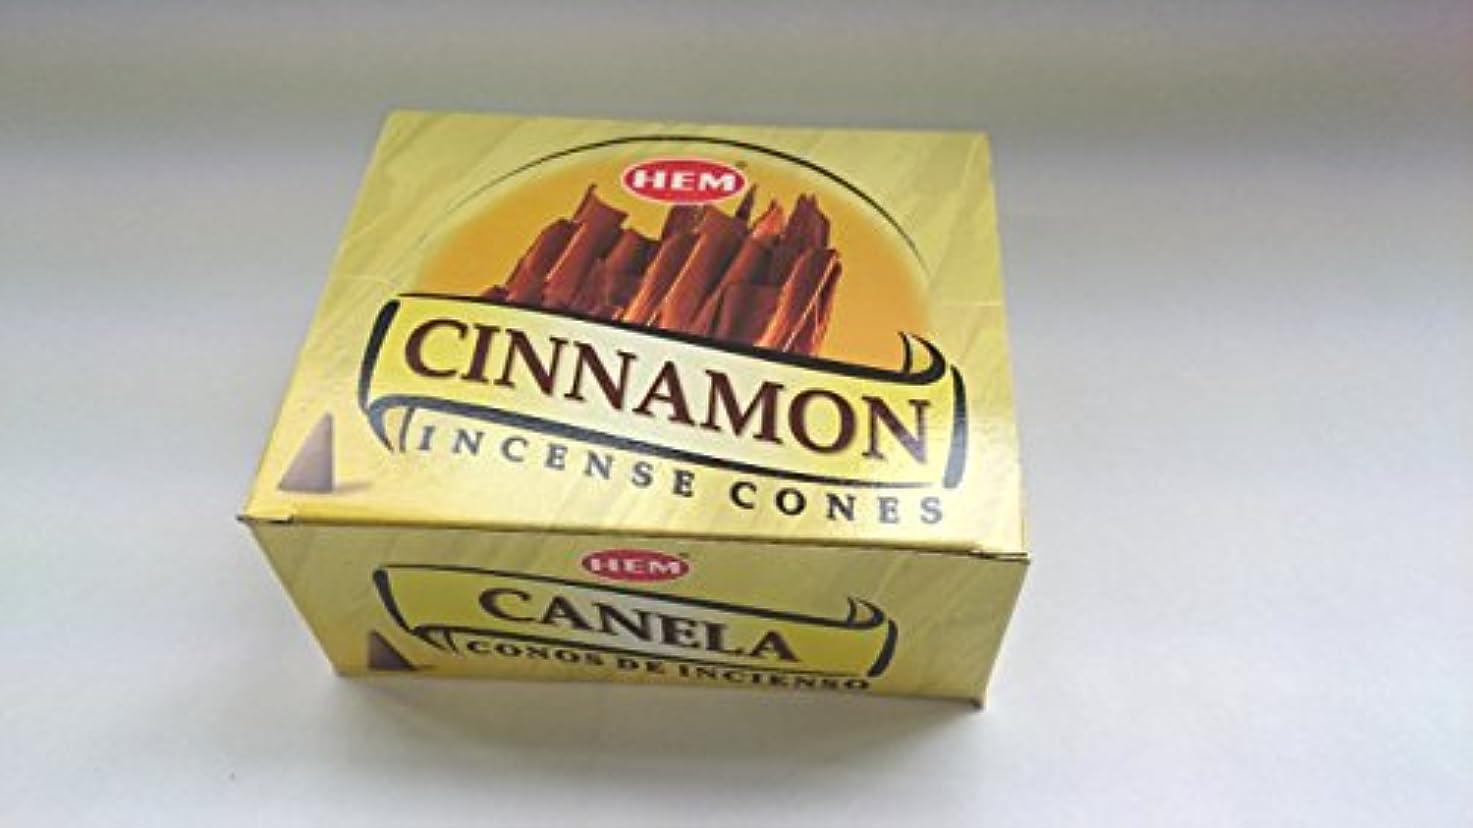 ラリーベルモントインペリアル閉じ込めるHEM(ヘム)お香 シナモン コーンタイプ 1ケース(10粒入り1箱×12箱)